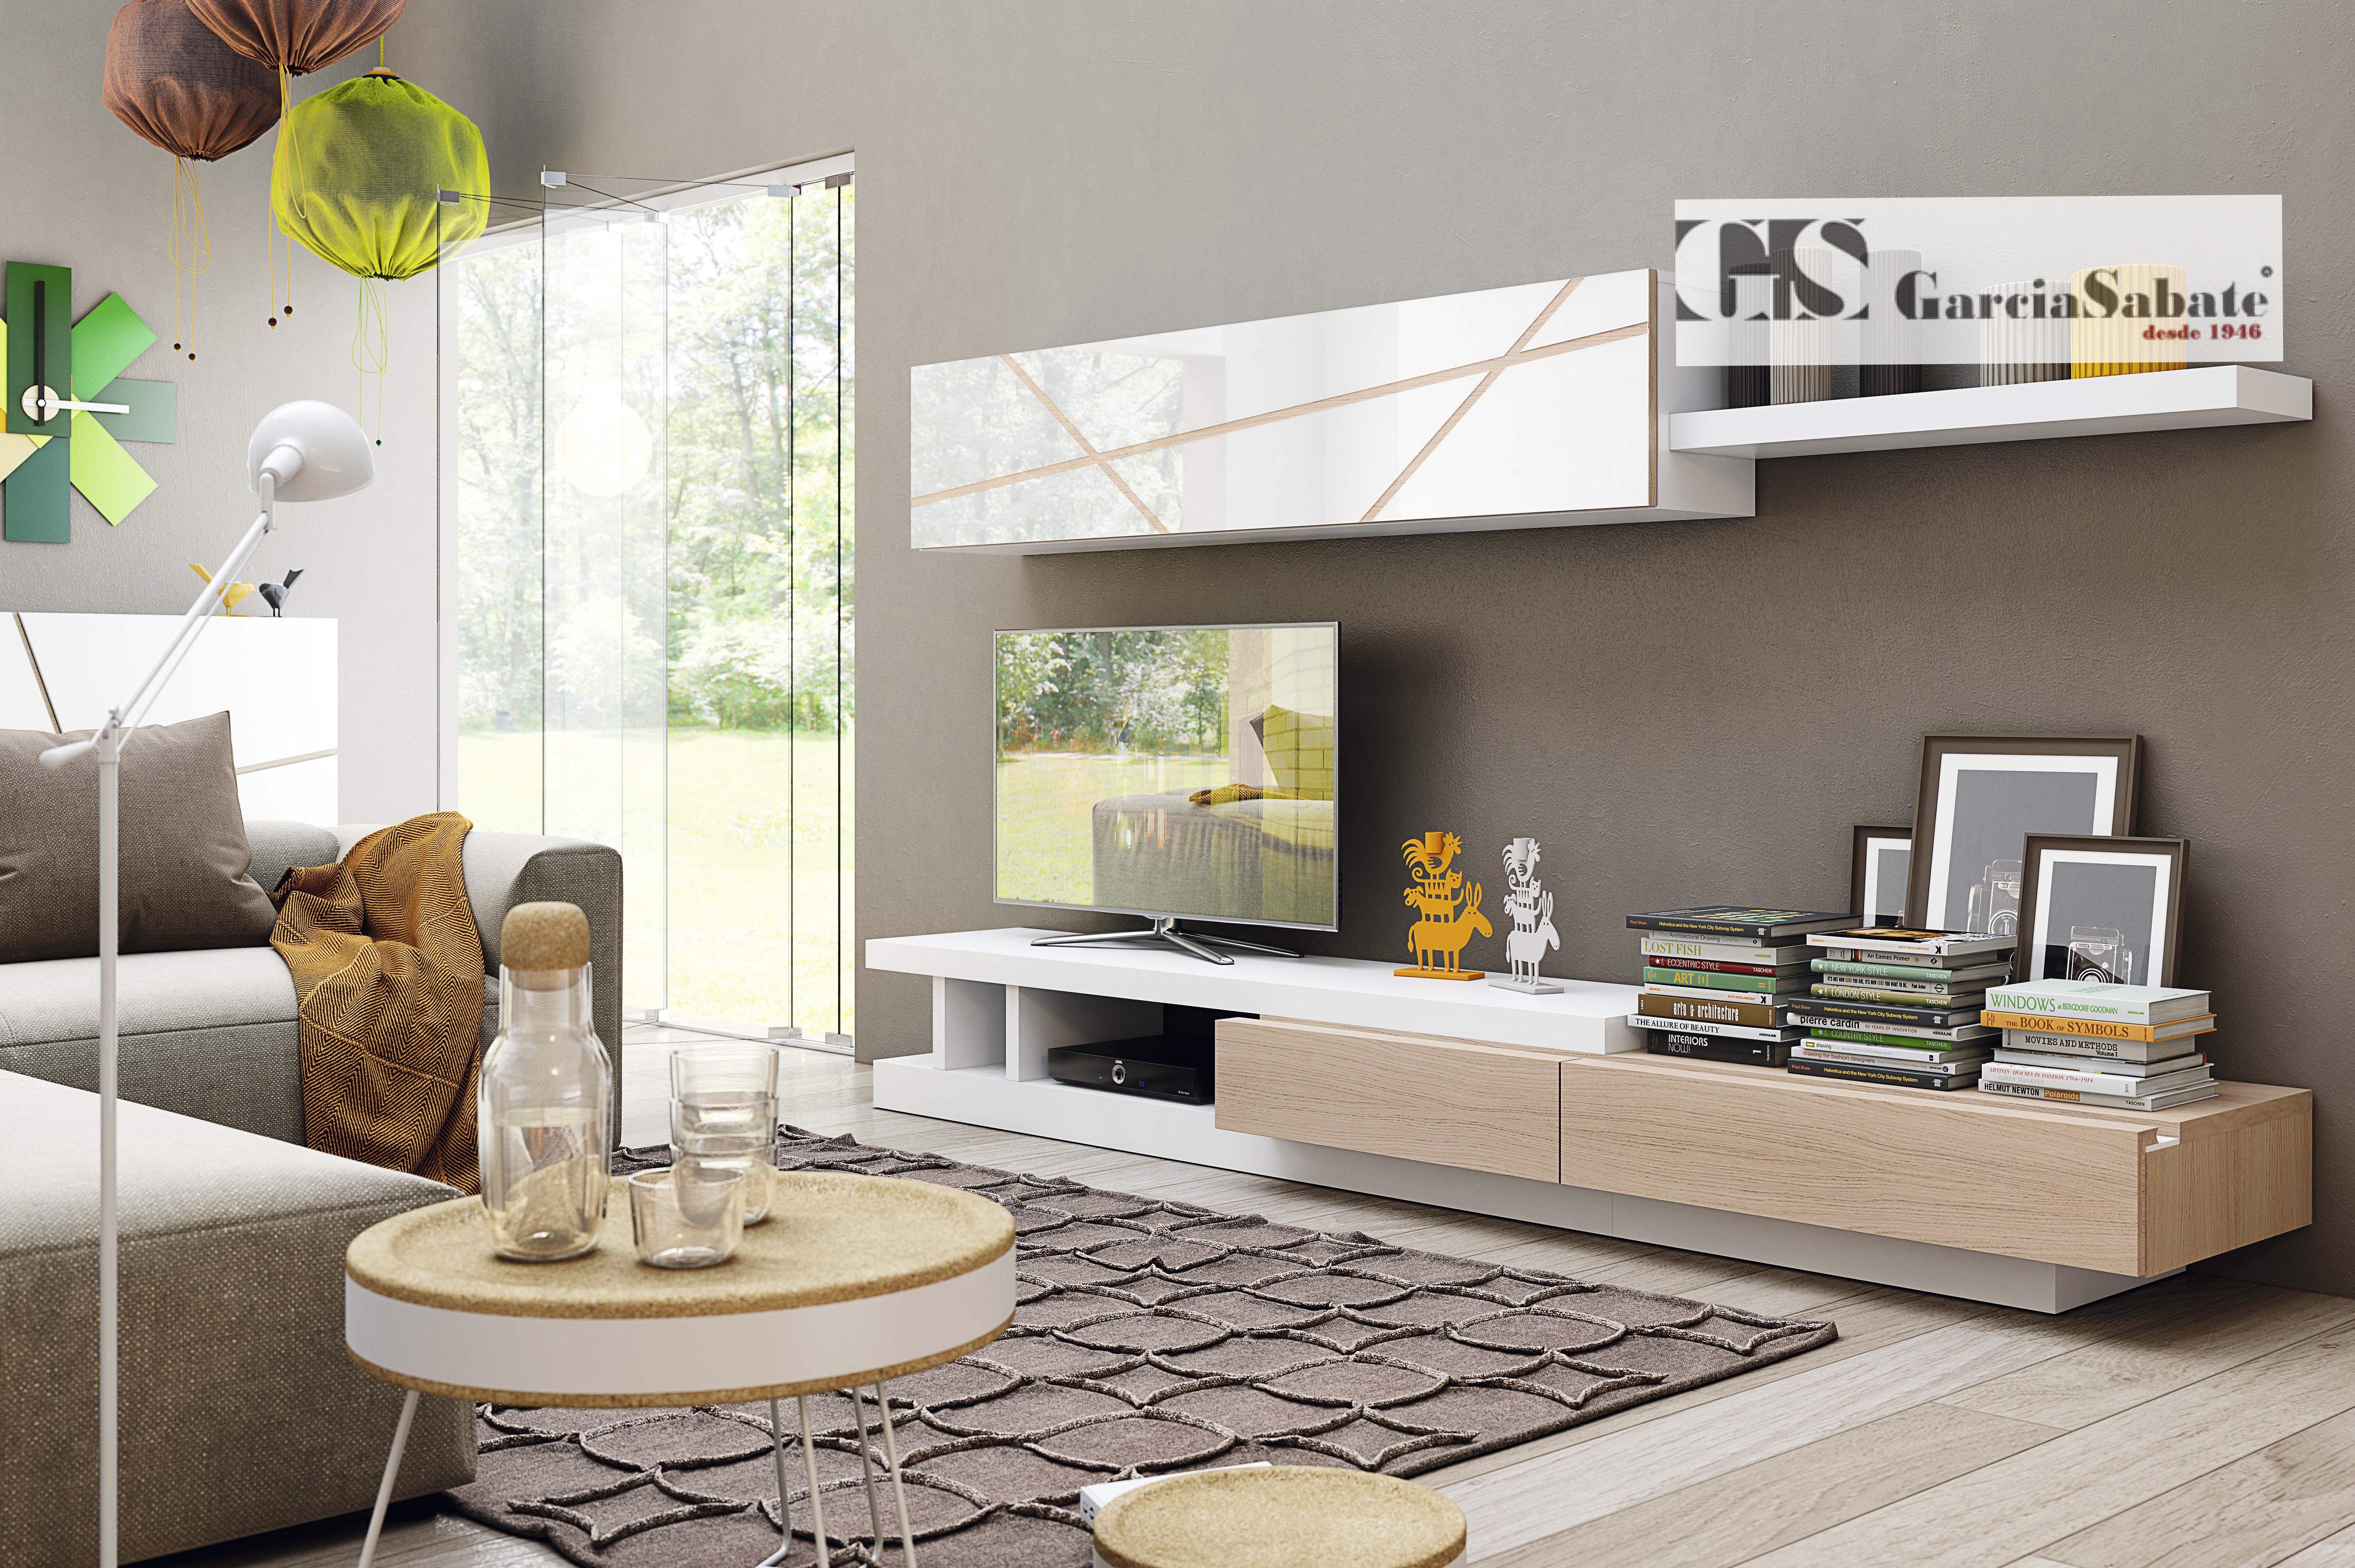 Modelos De Muebles De Salon Fotos De Ambiente With Modelos De  # Muebles Puchades